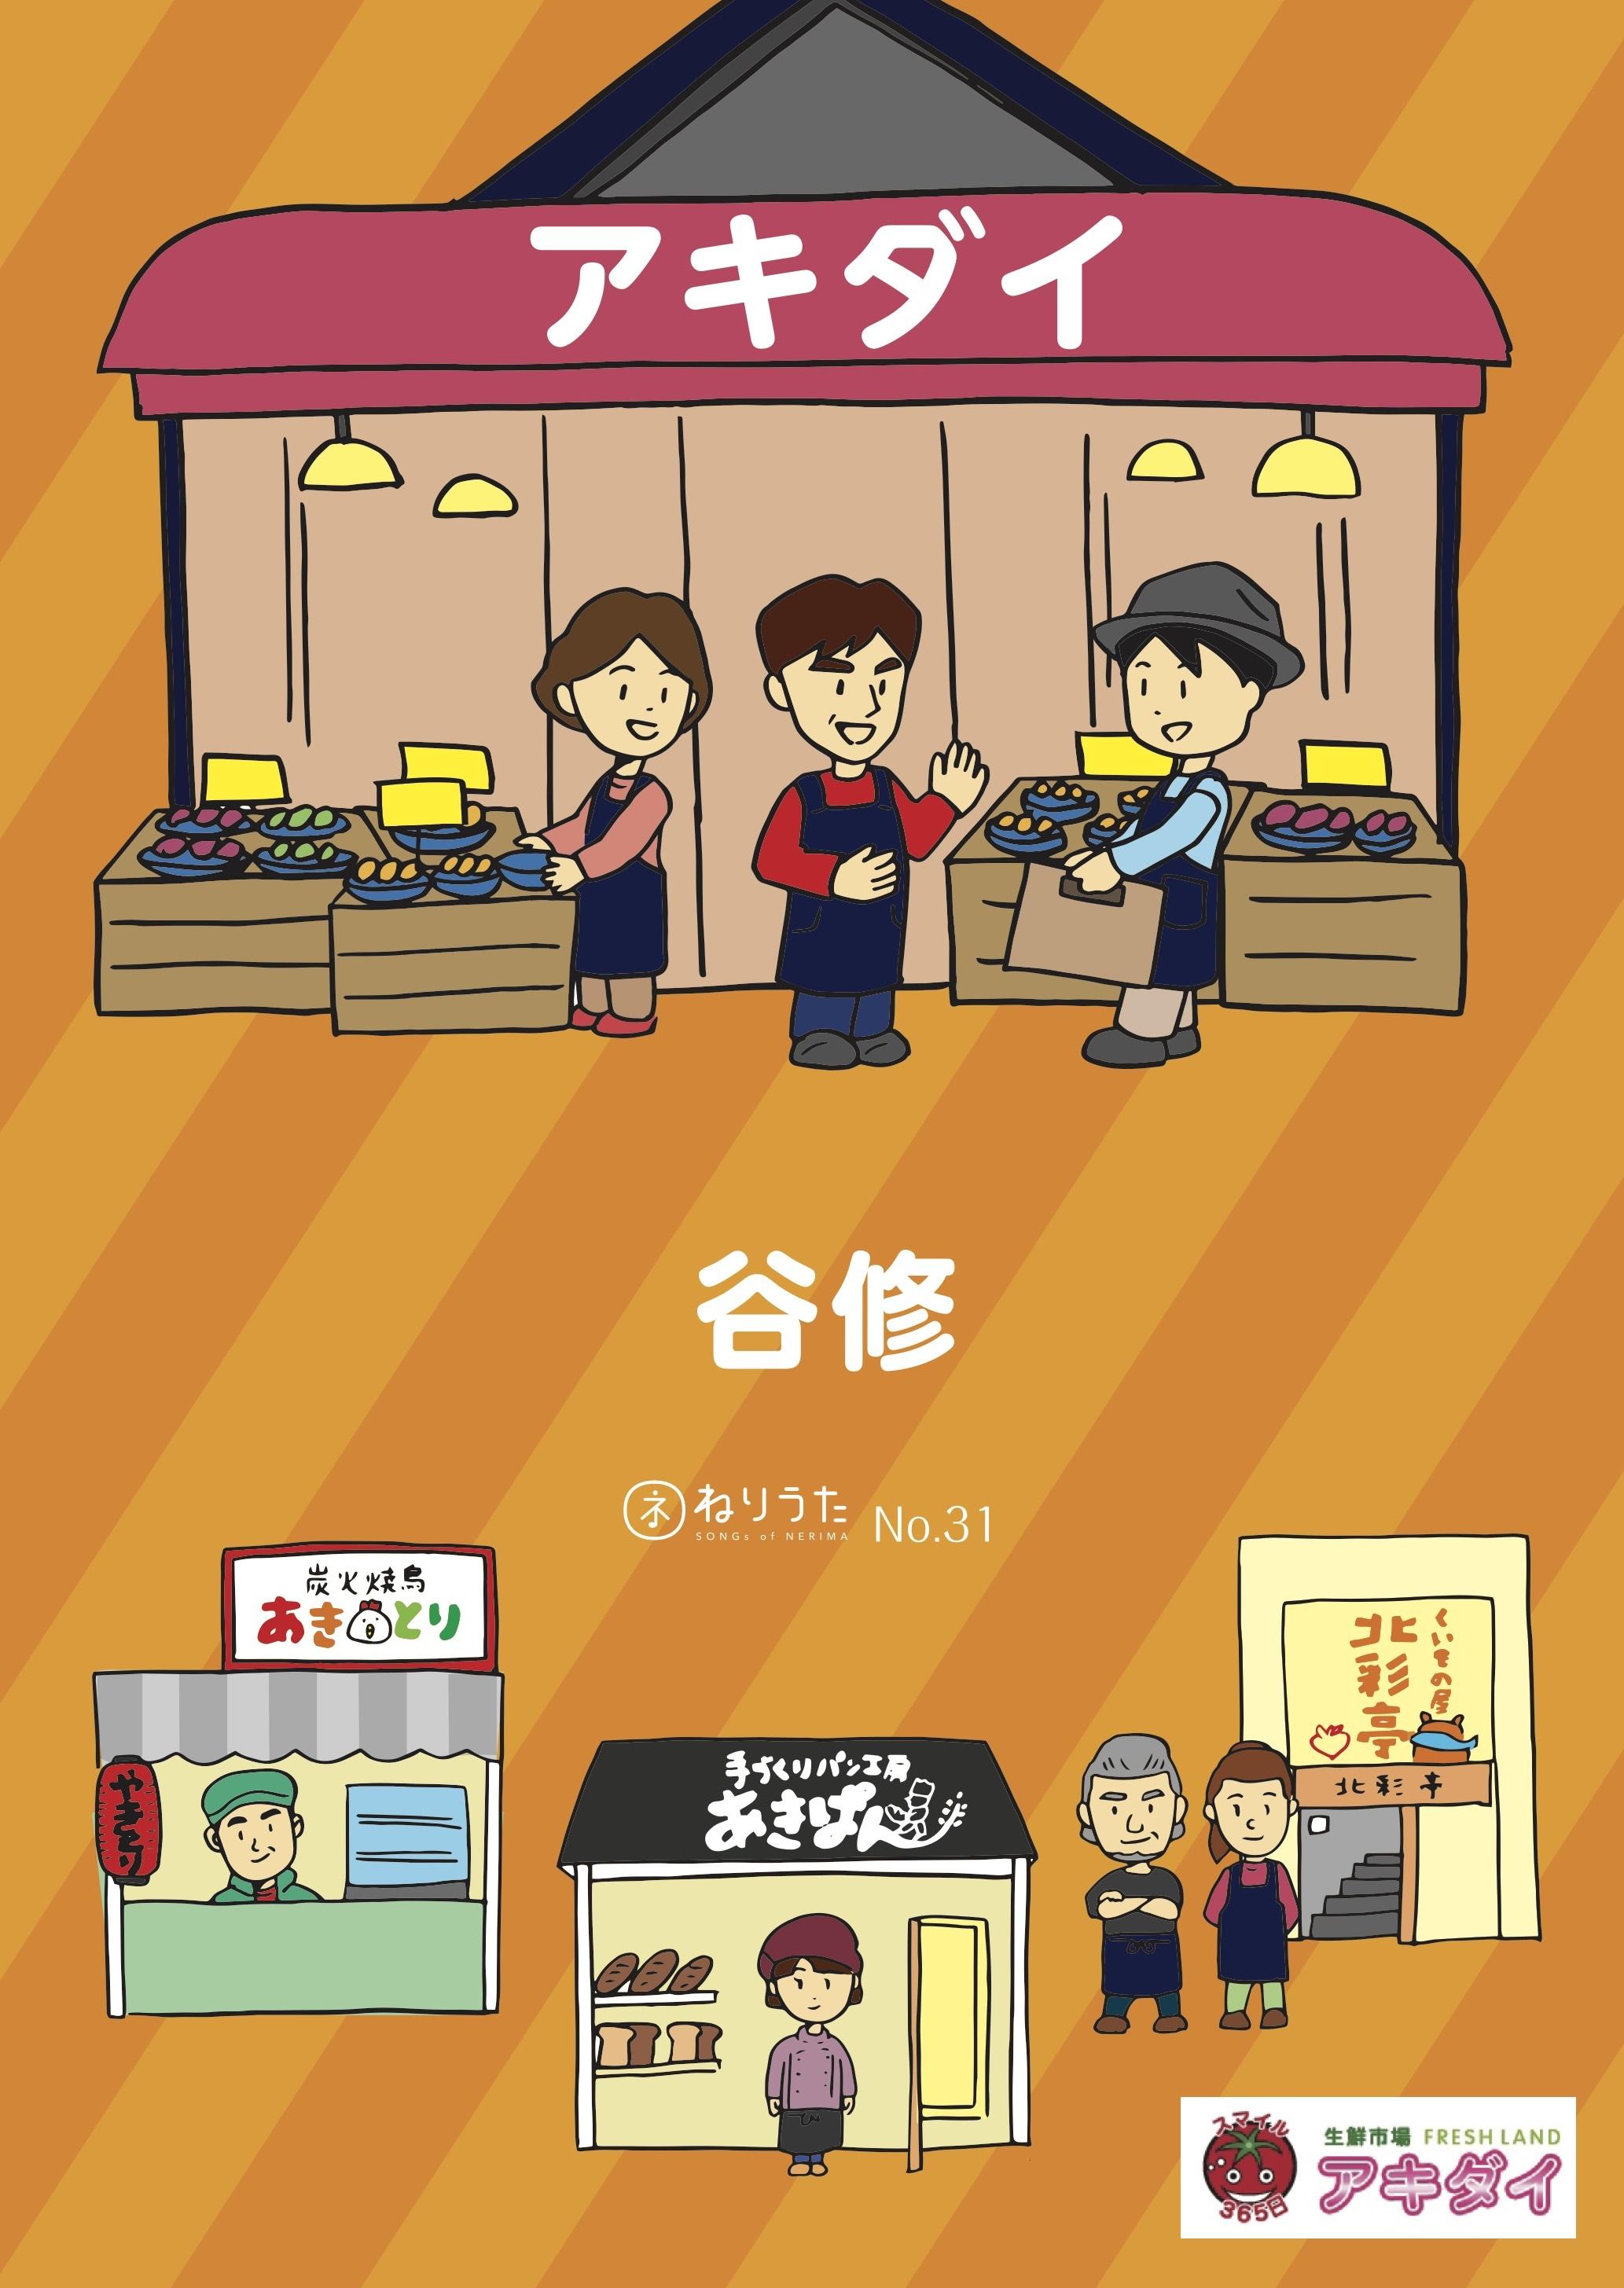 ねりうた #31-1 「アキダイ」ダウンロード版